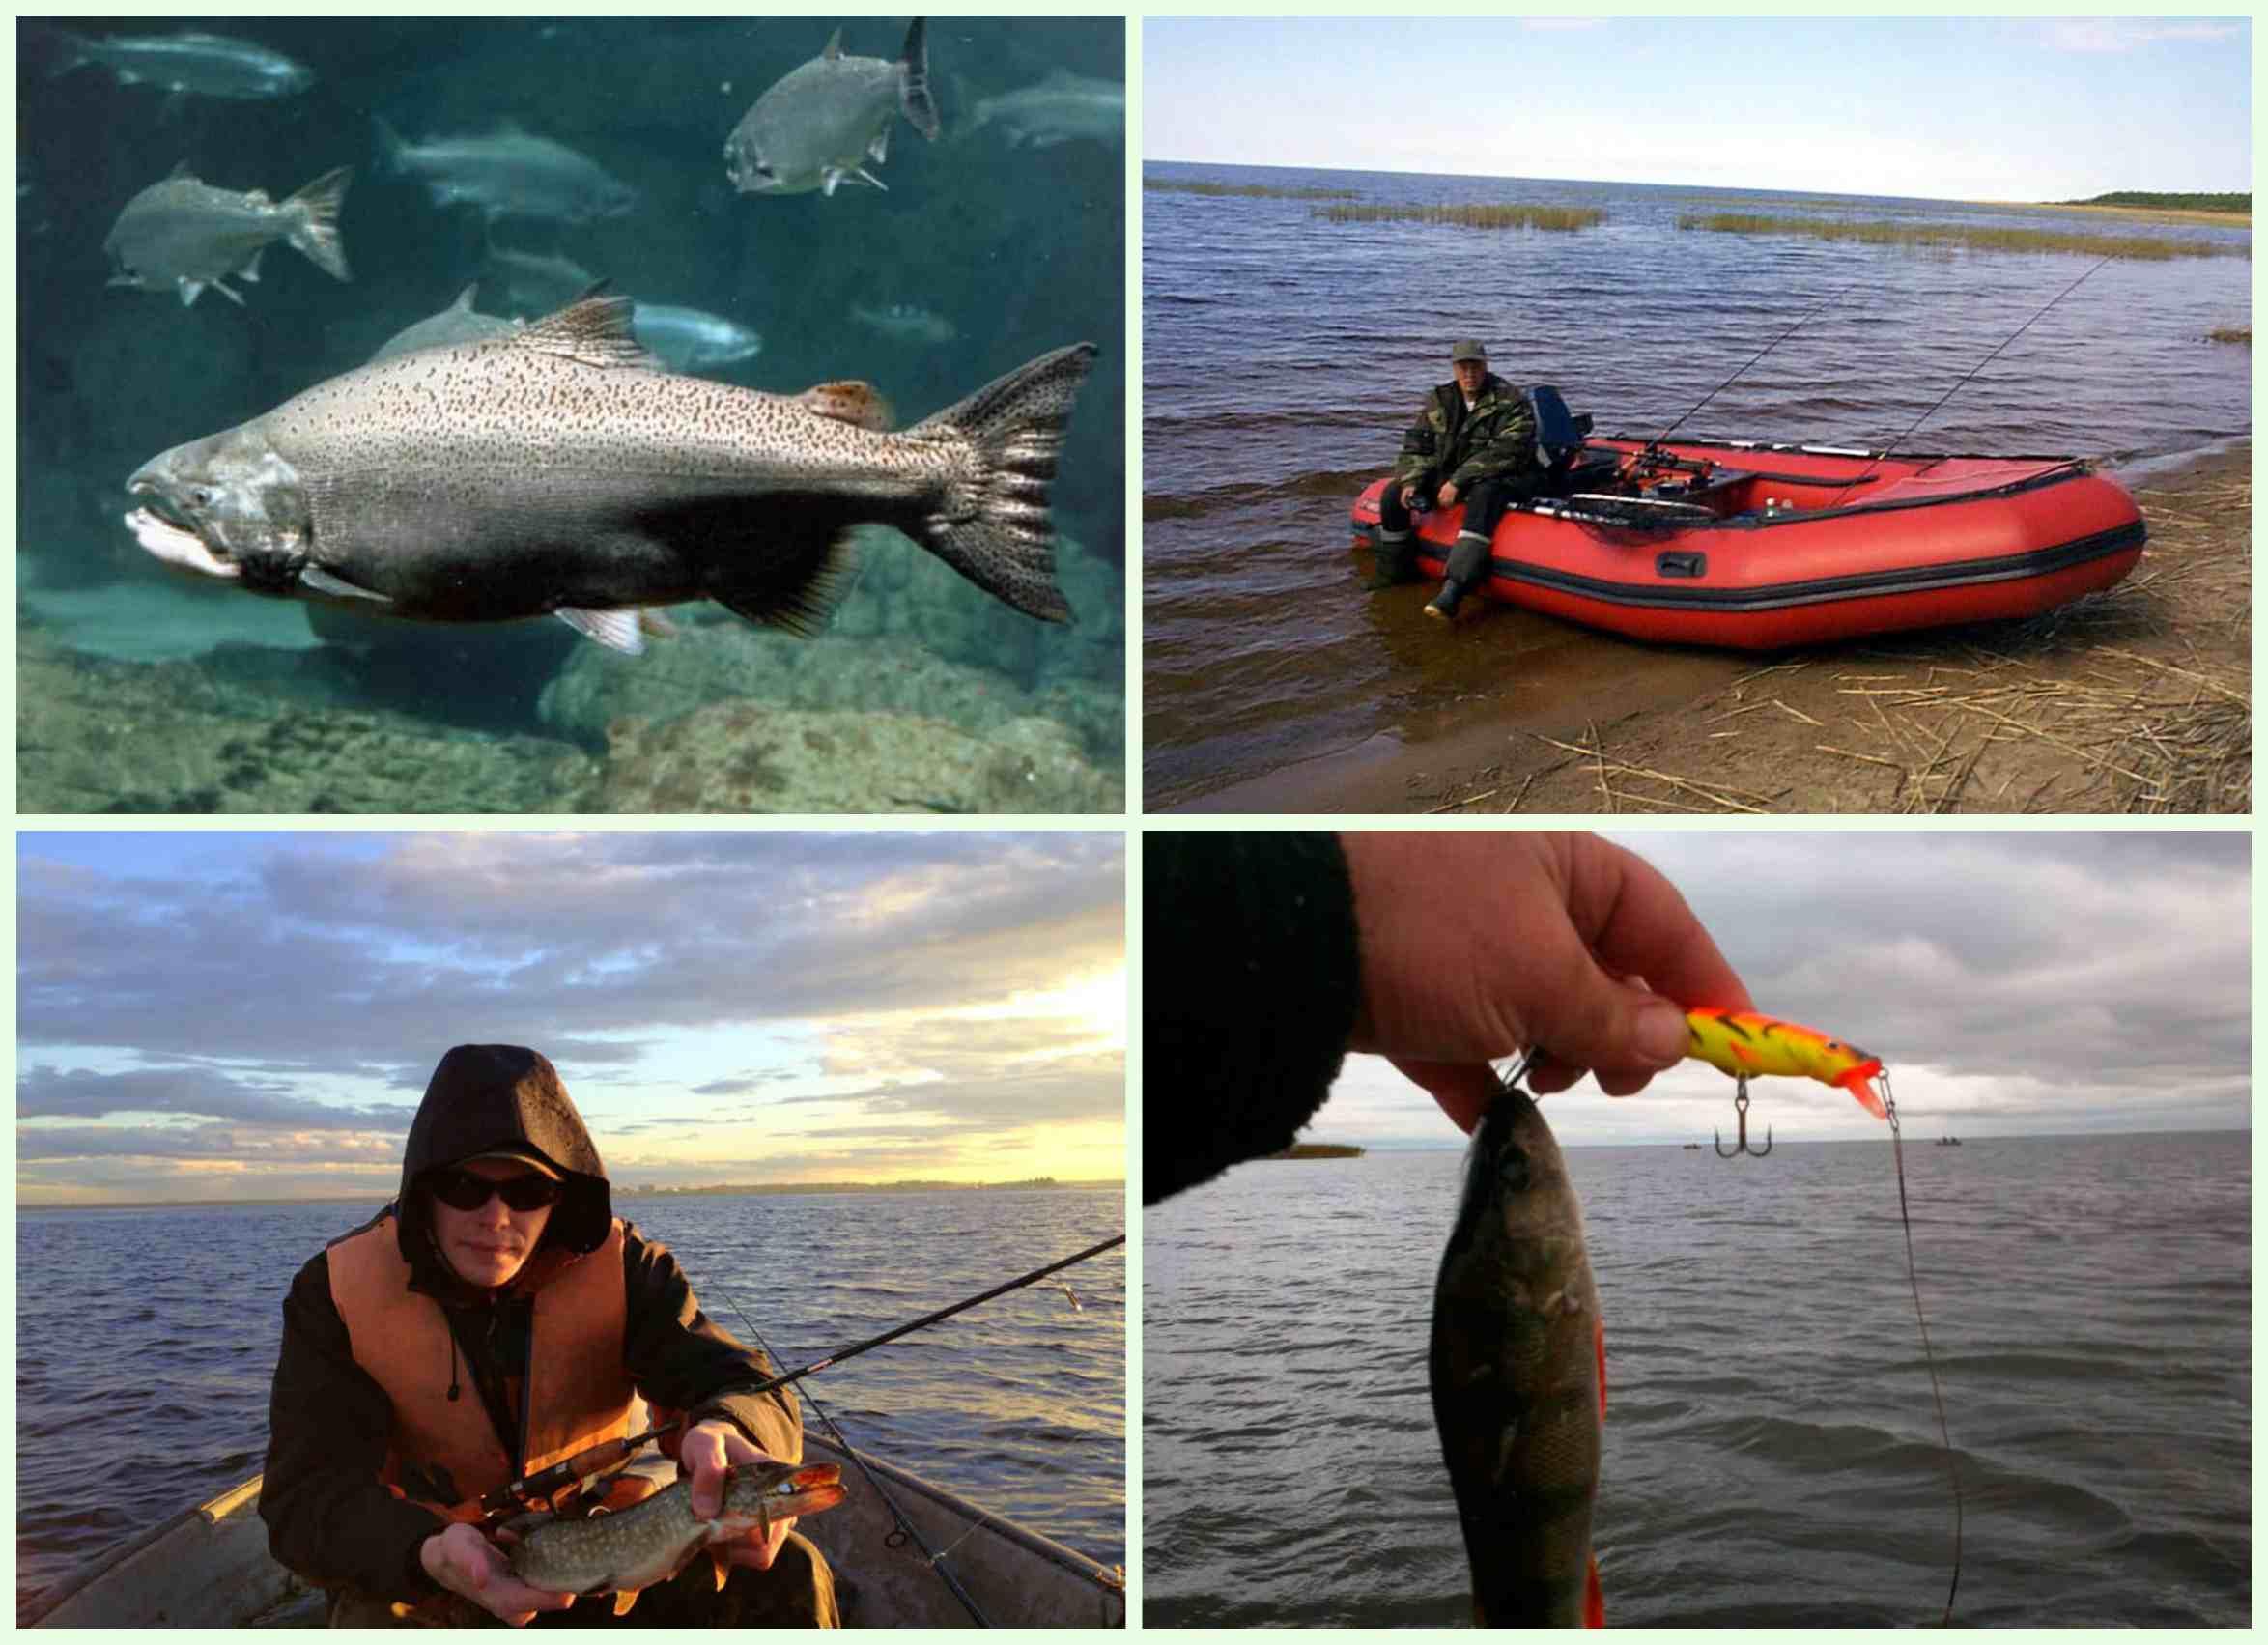 Рыбалка на ладожском озере: выбор снастей, места и тактики ловли